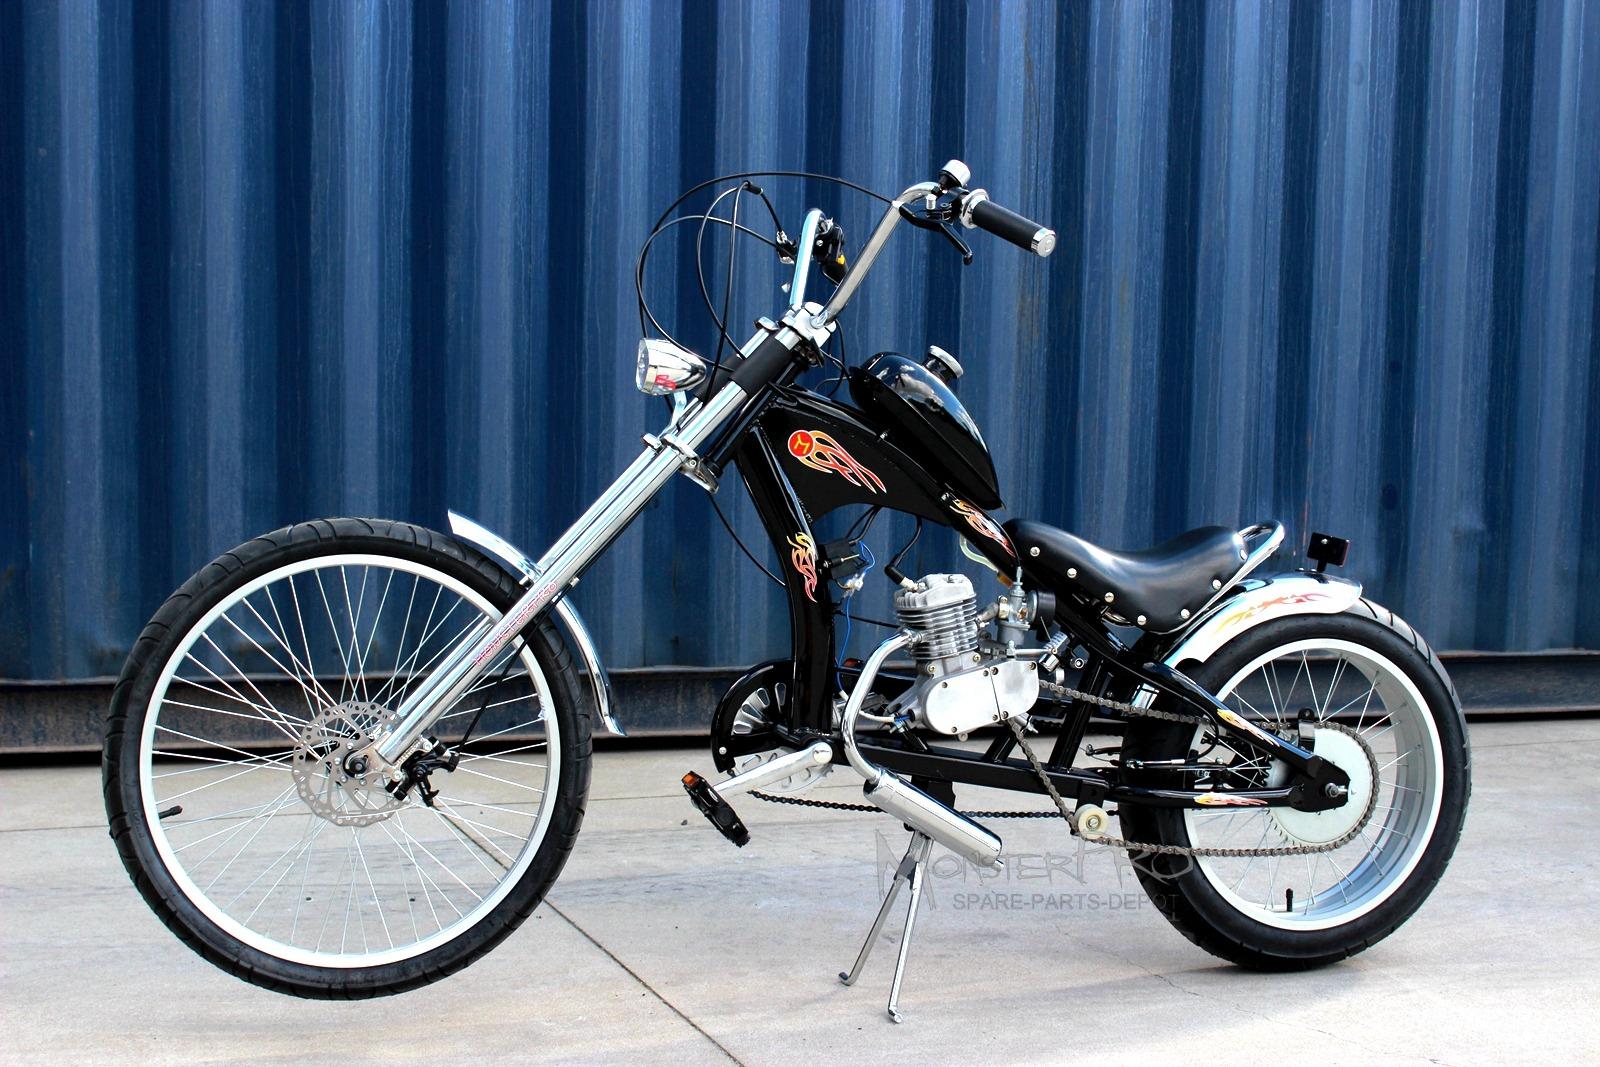 80cc Motorised Motorized Chopper Bicycle Push Bike 2 ...